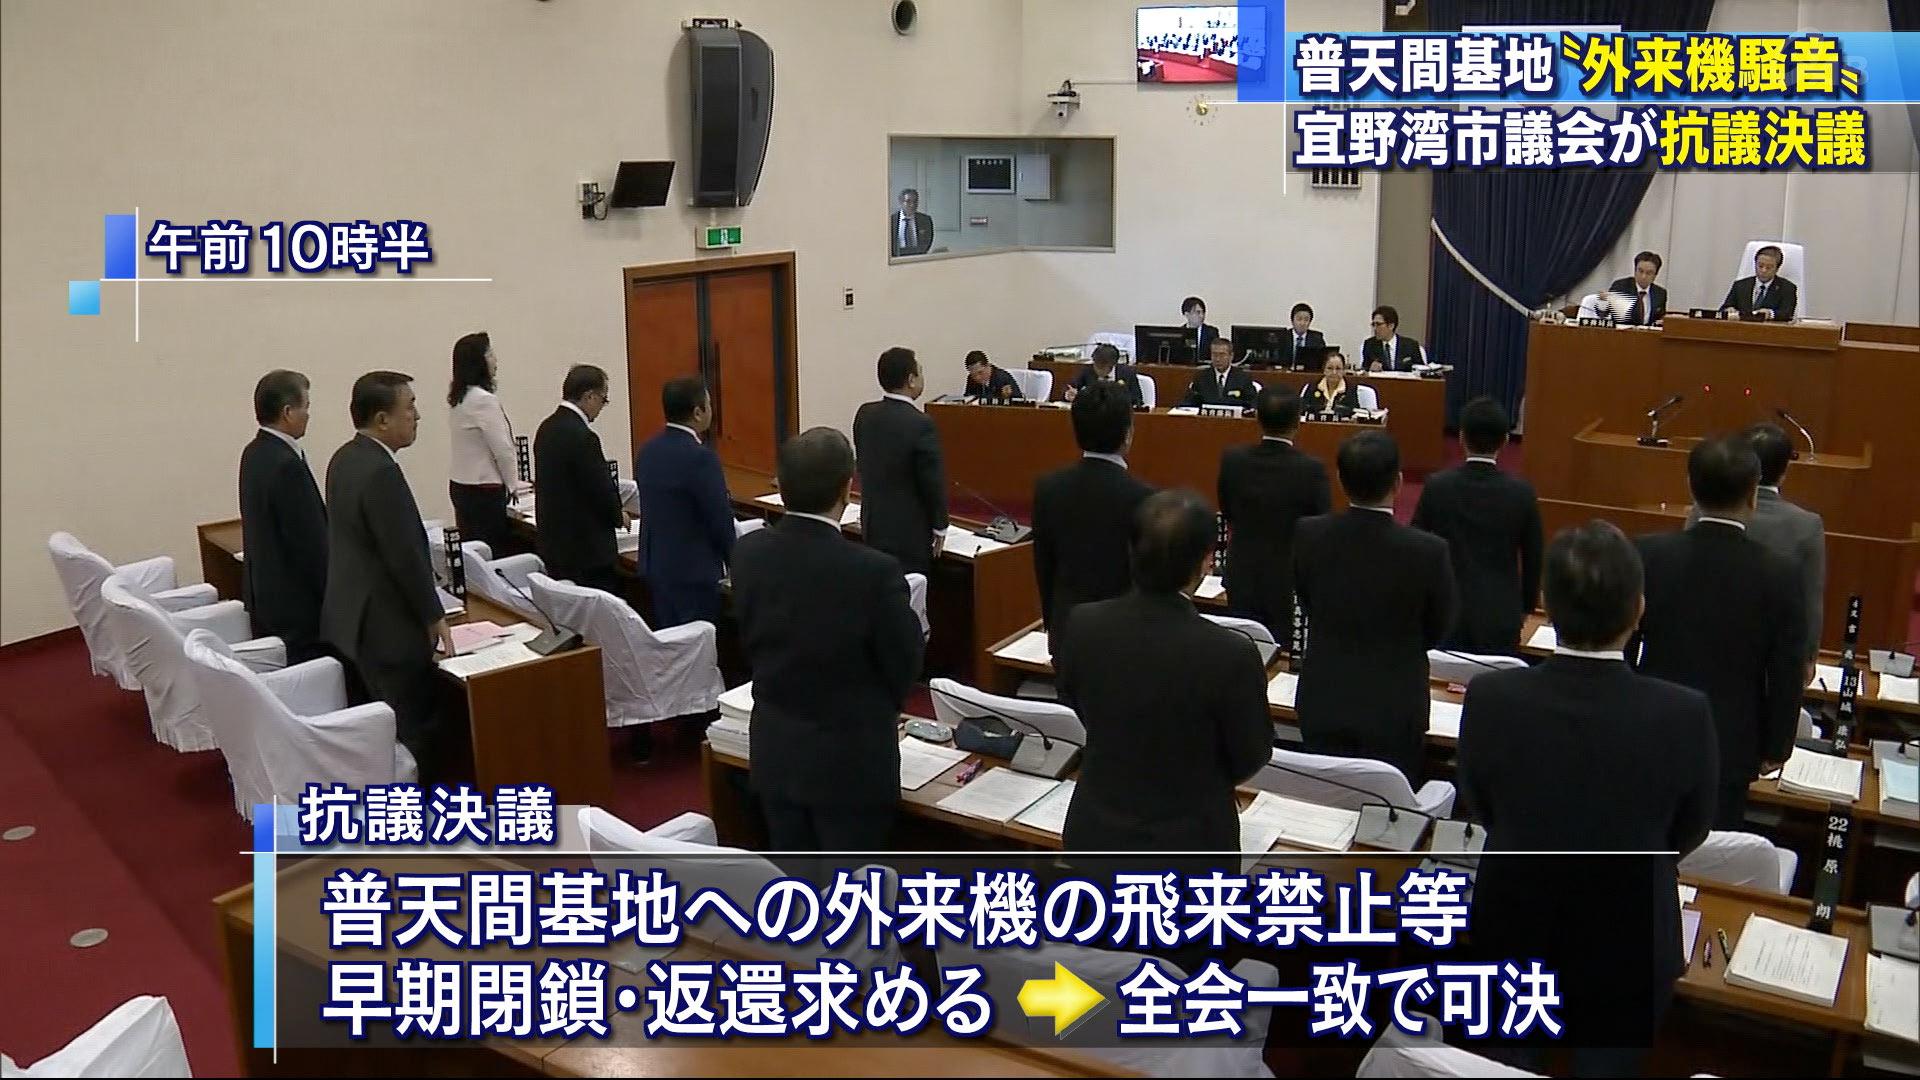 宜野湾市議会「外来機騒音」で抗議決議可決